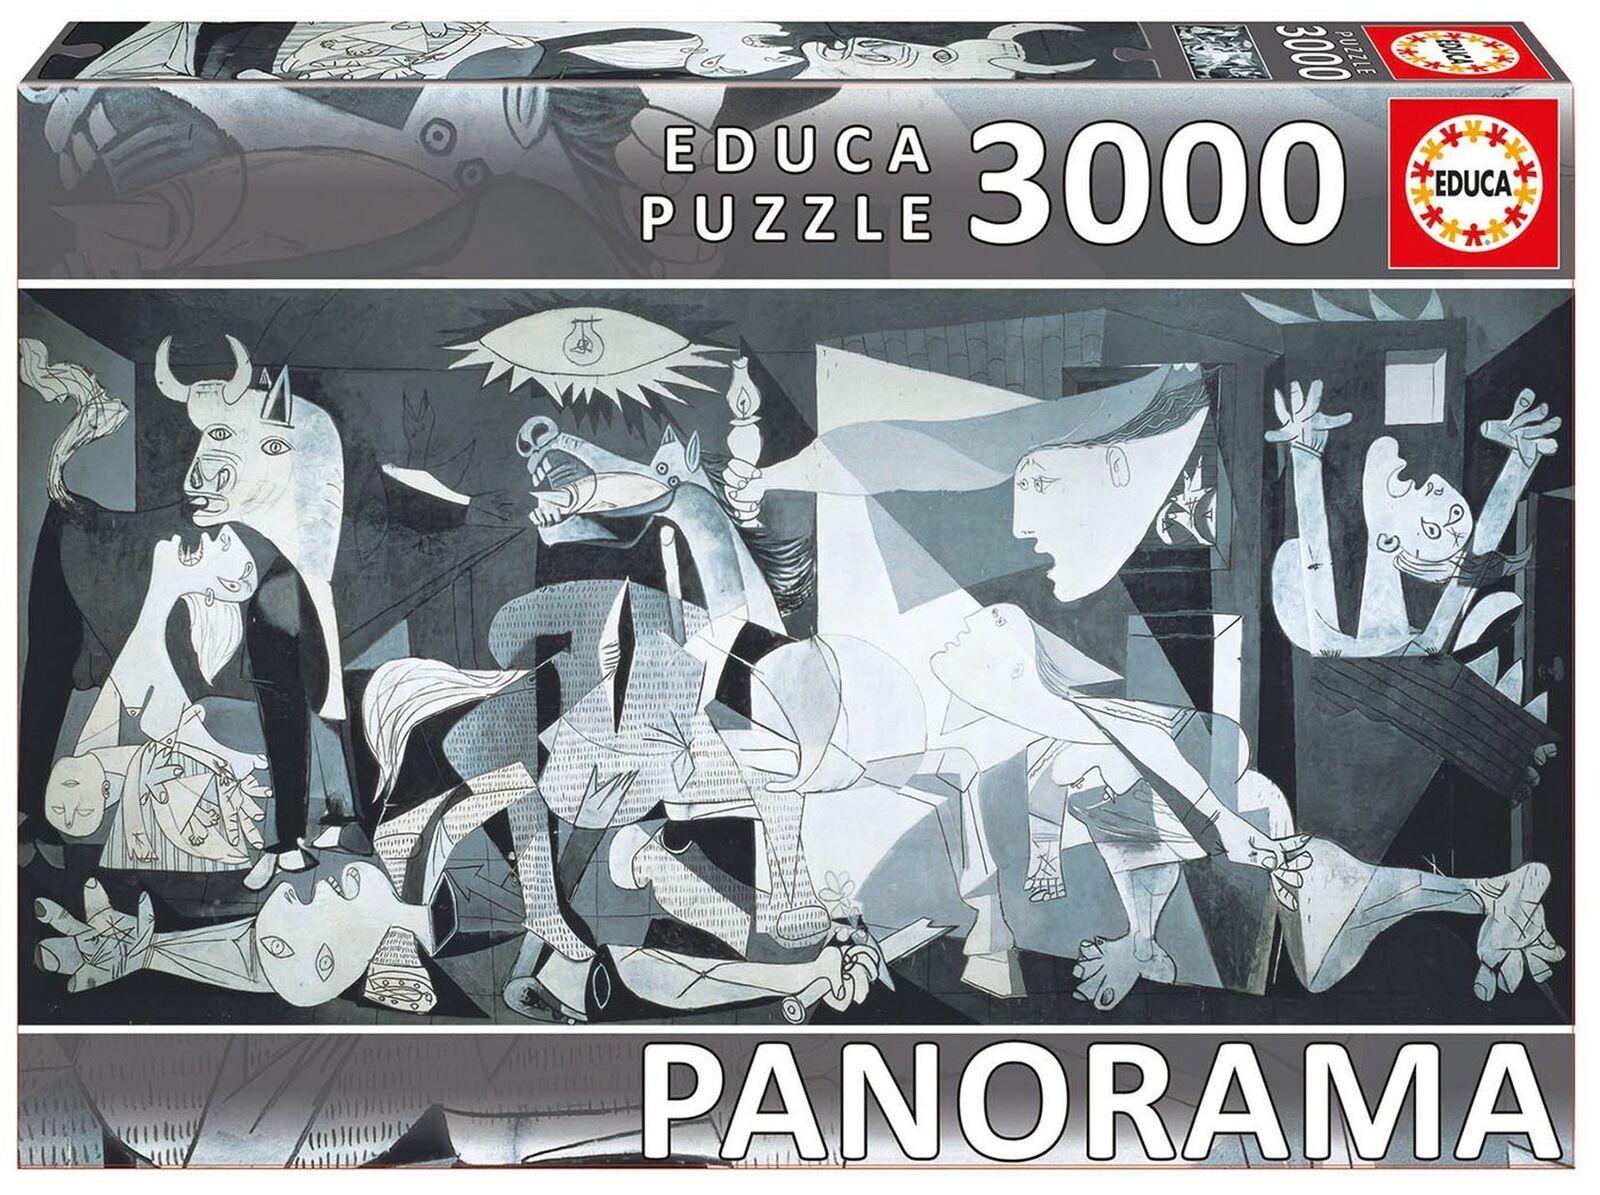 connotazione di lusso low-key Educa 11502-Guernica, PABLO PICASSO - 3000 PEZZI-SERIE Panorama Panorama Panorama Puzzle  consegna gratuita e veloce disponibile